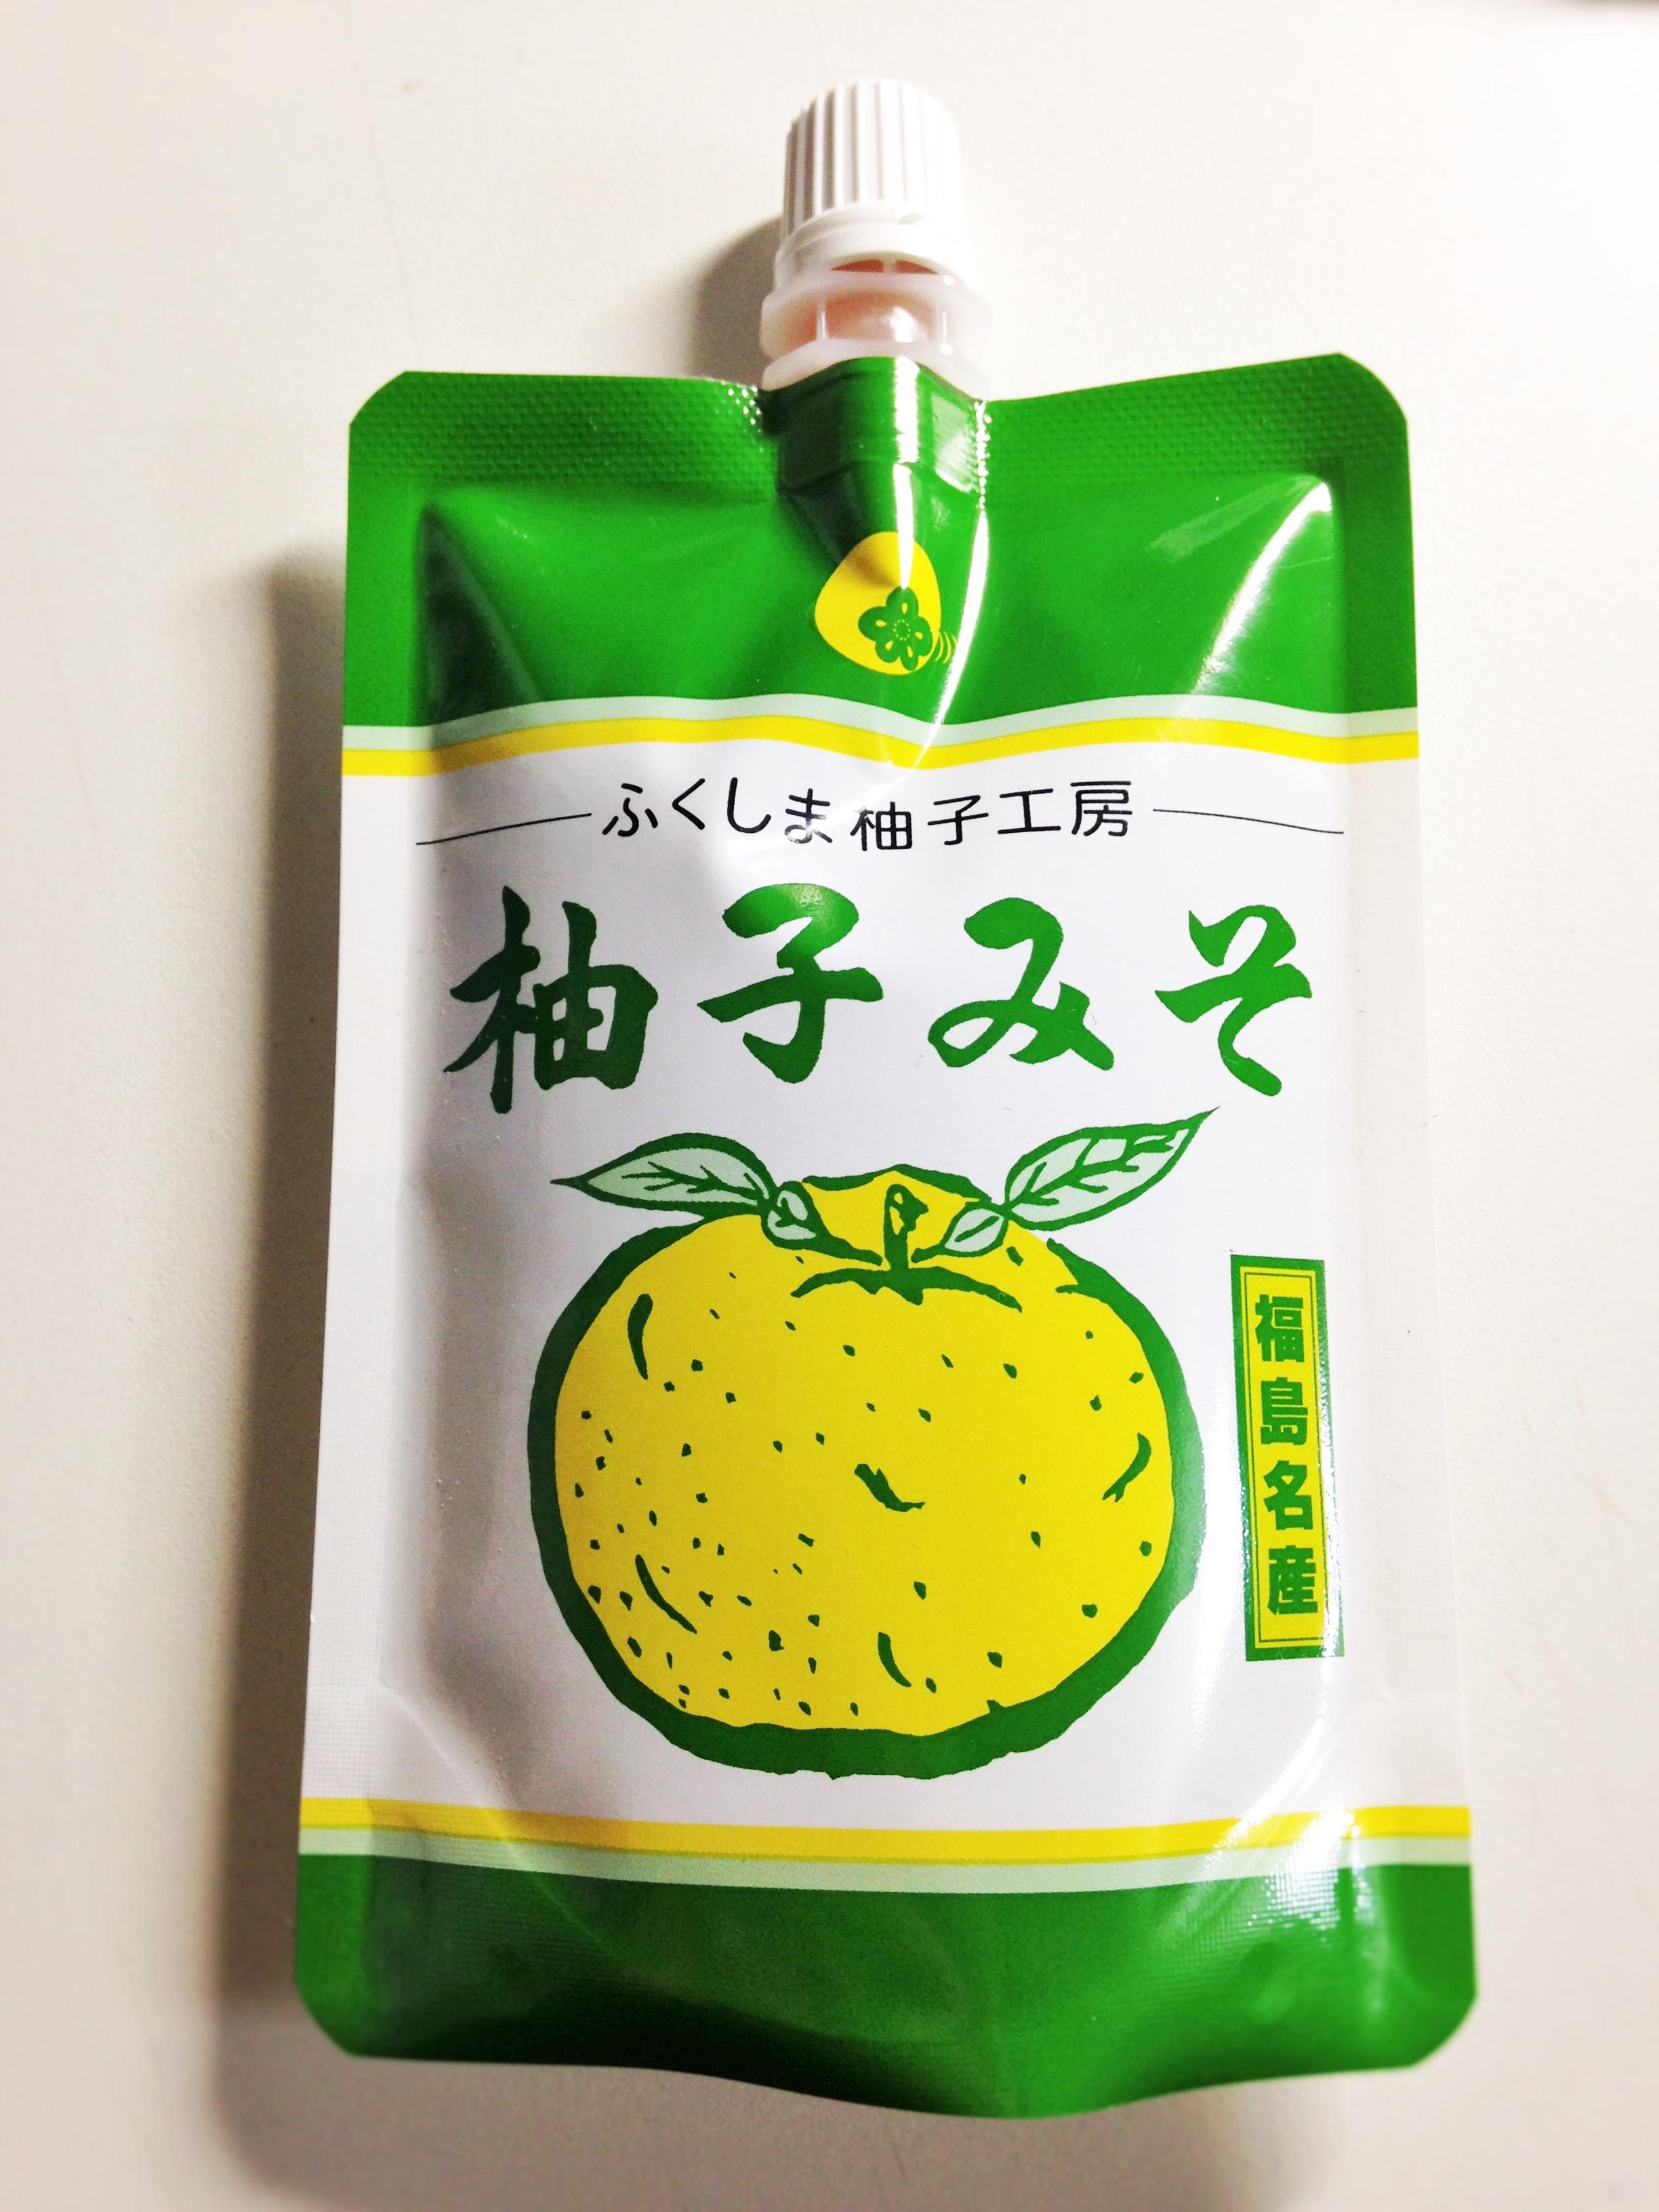 ★単品★ゆず味噌【玉萬食品】2営業日以内に発送します!